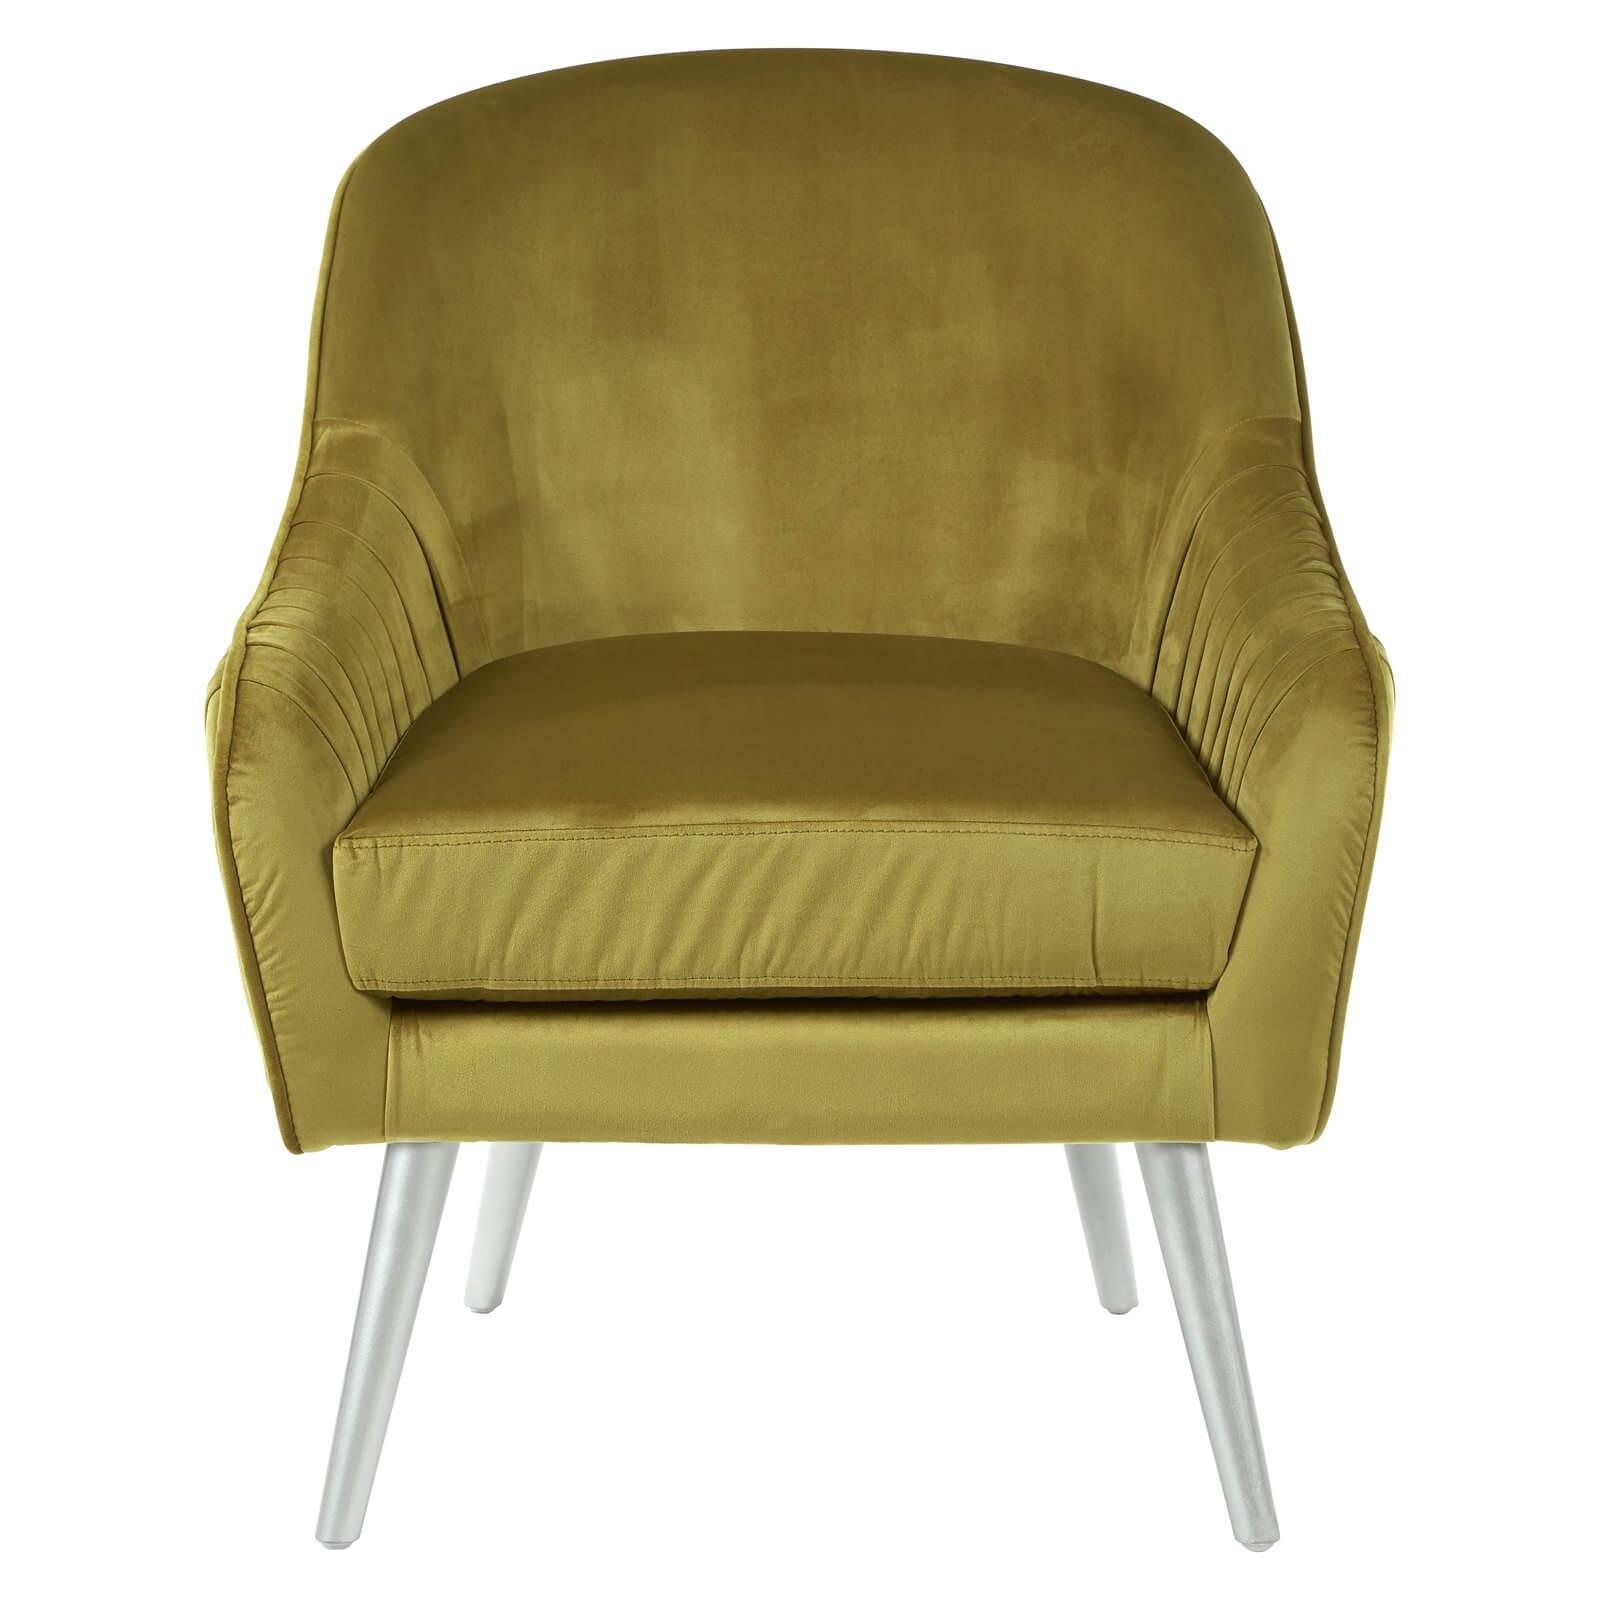 Louxor Velvet Armchair - Mustard